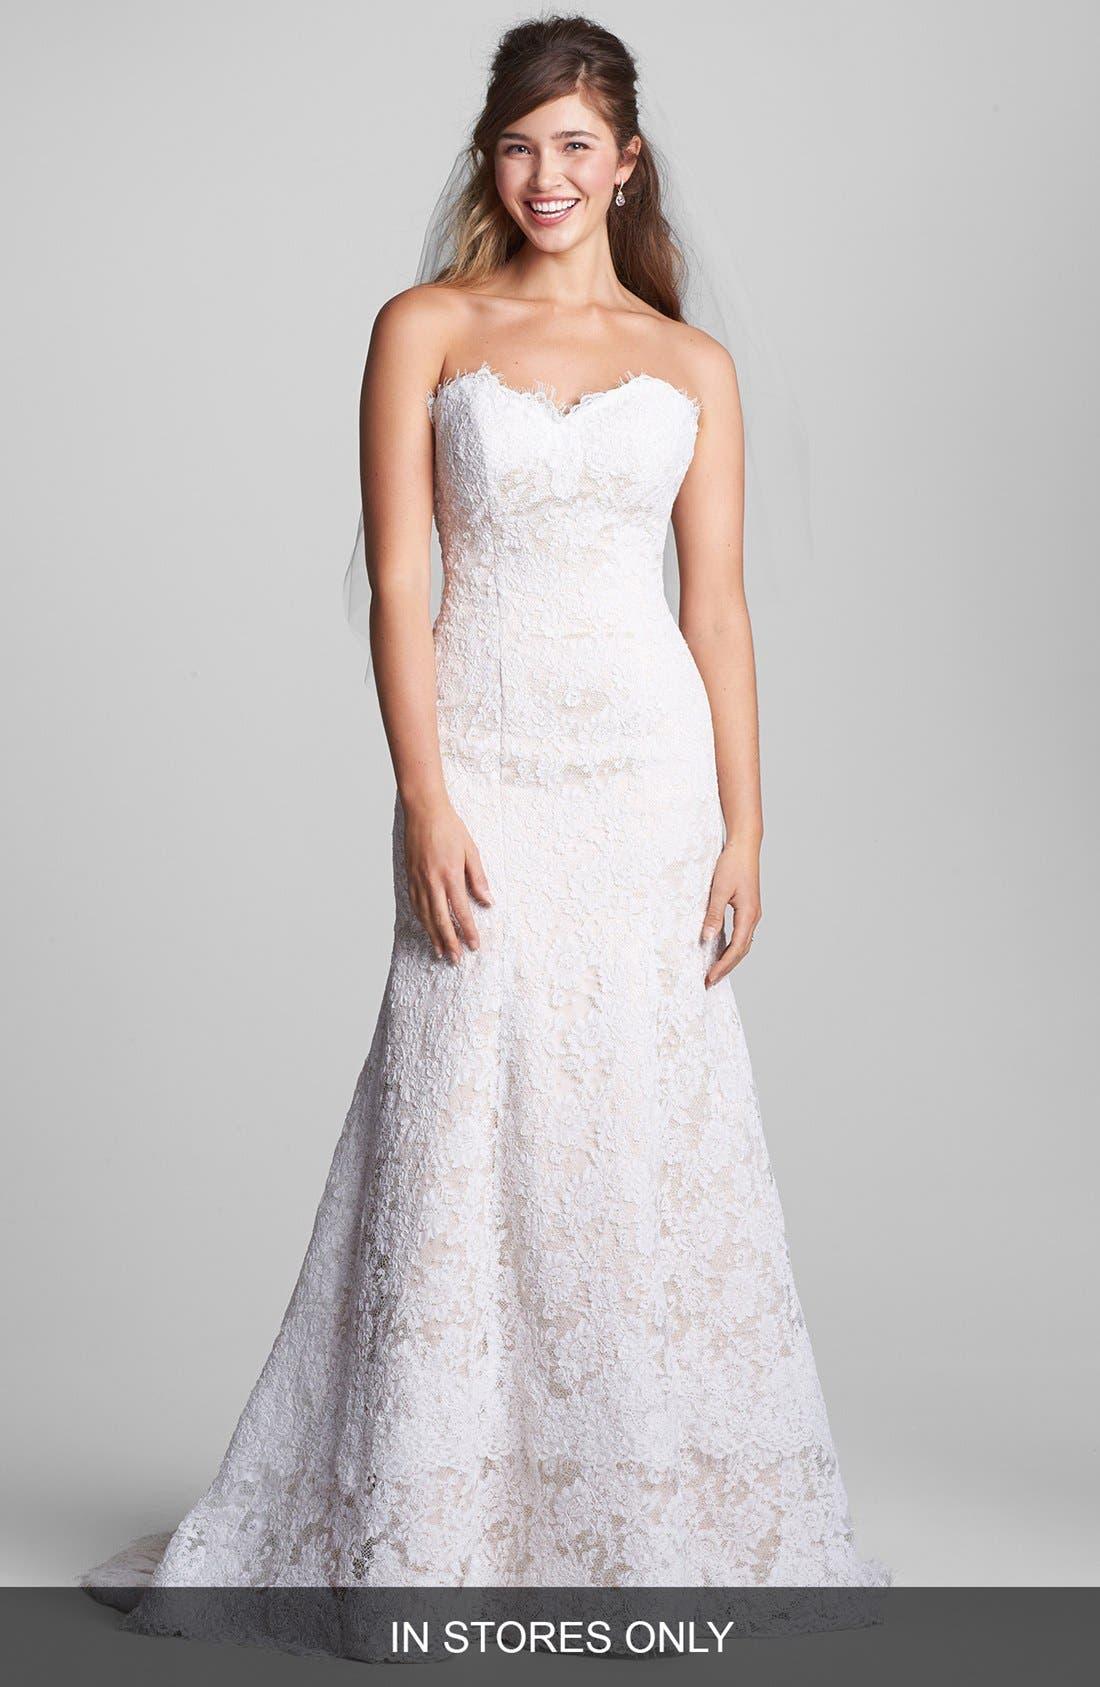 Main Image - Olia Zavozina Treasure Flared Lace Dress